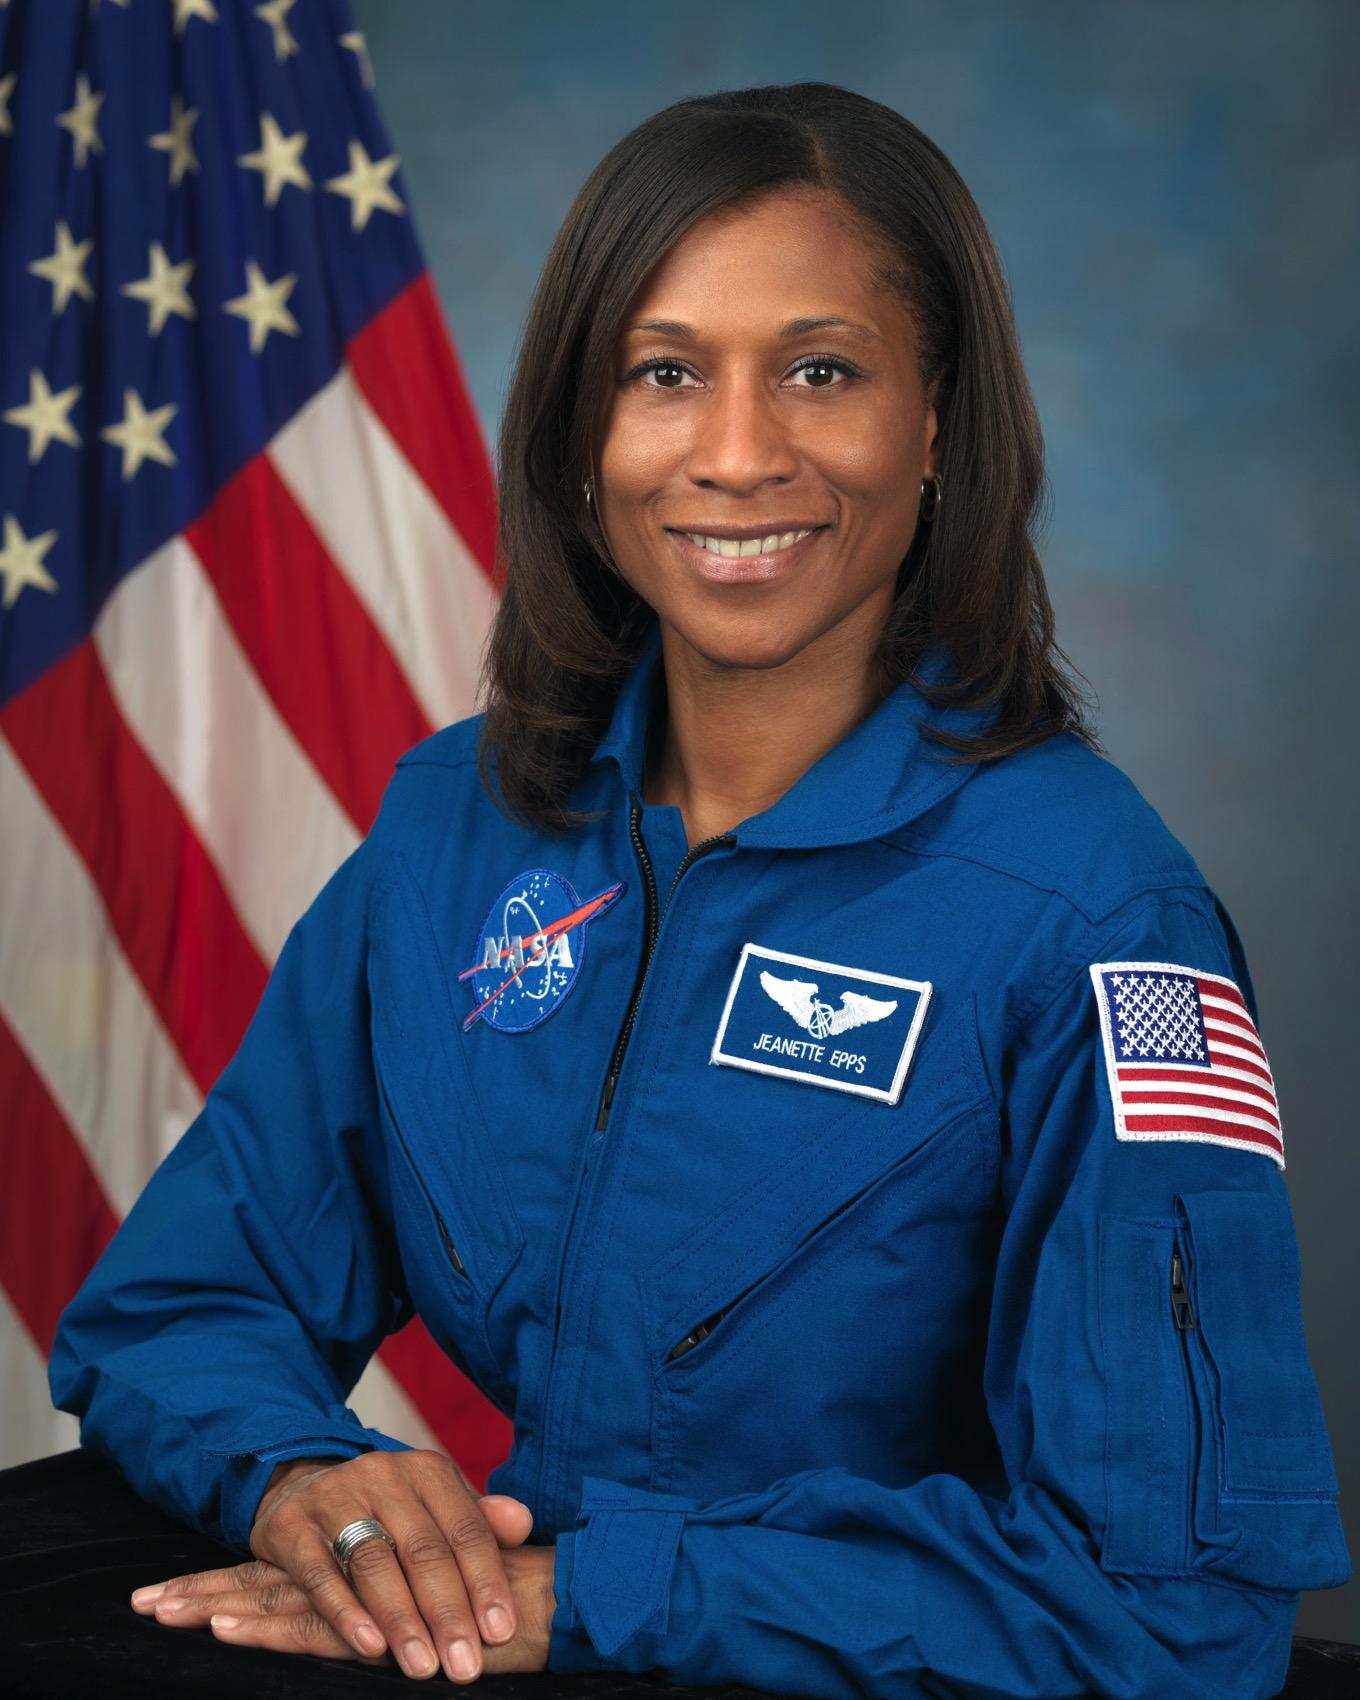 Jeanette J Epps